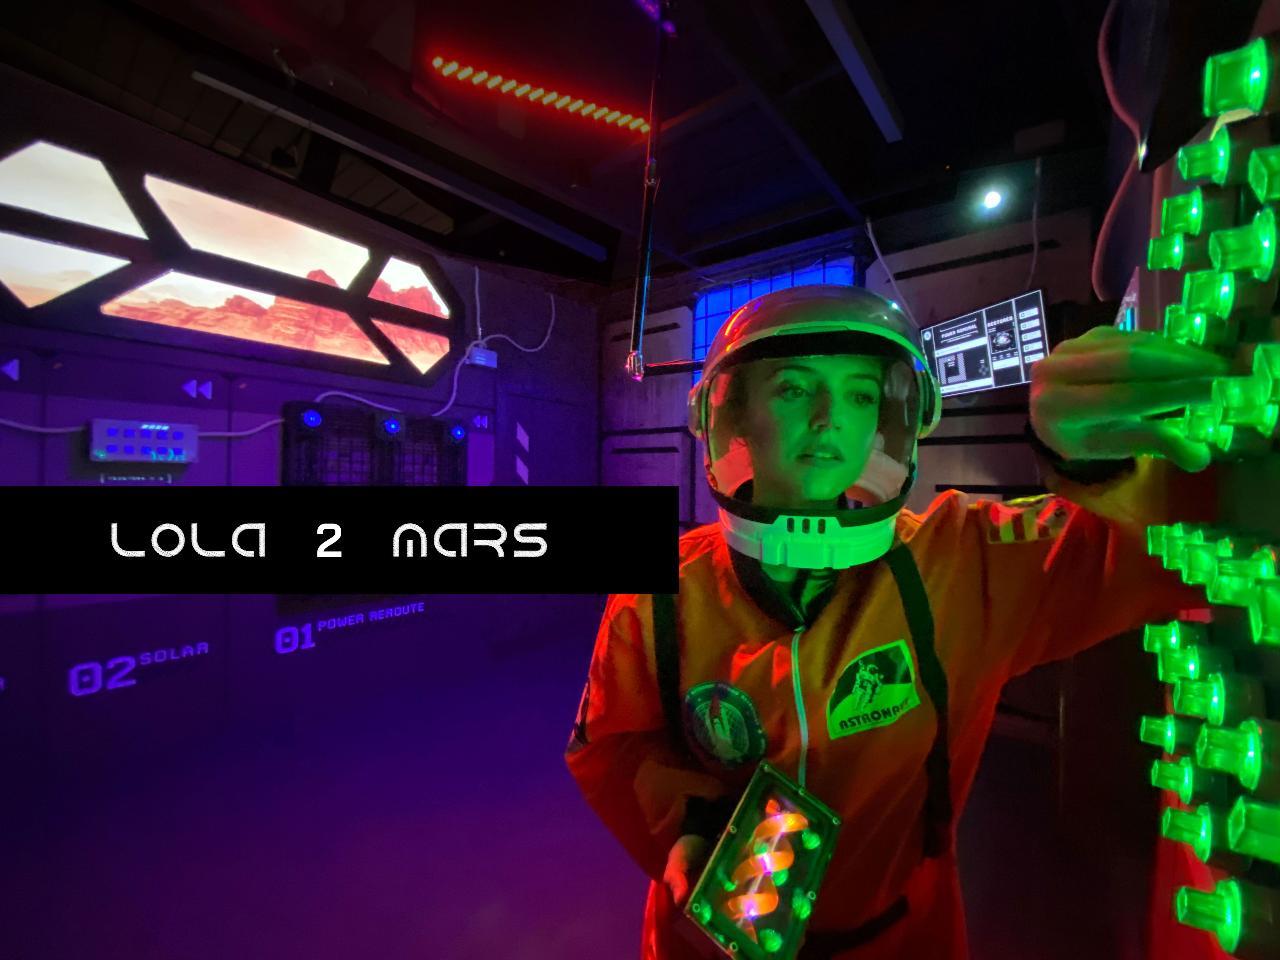 Lola 2 Marsº  Remote Team Escape (in Pacific Time - San Francisco Time Zone)